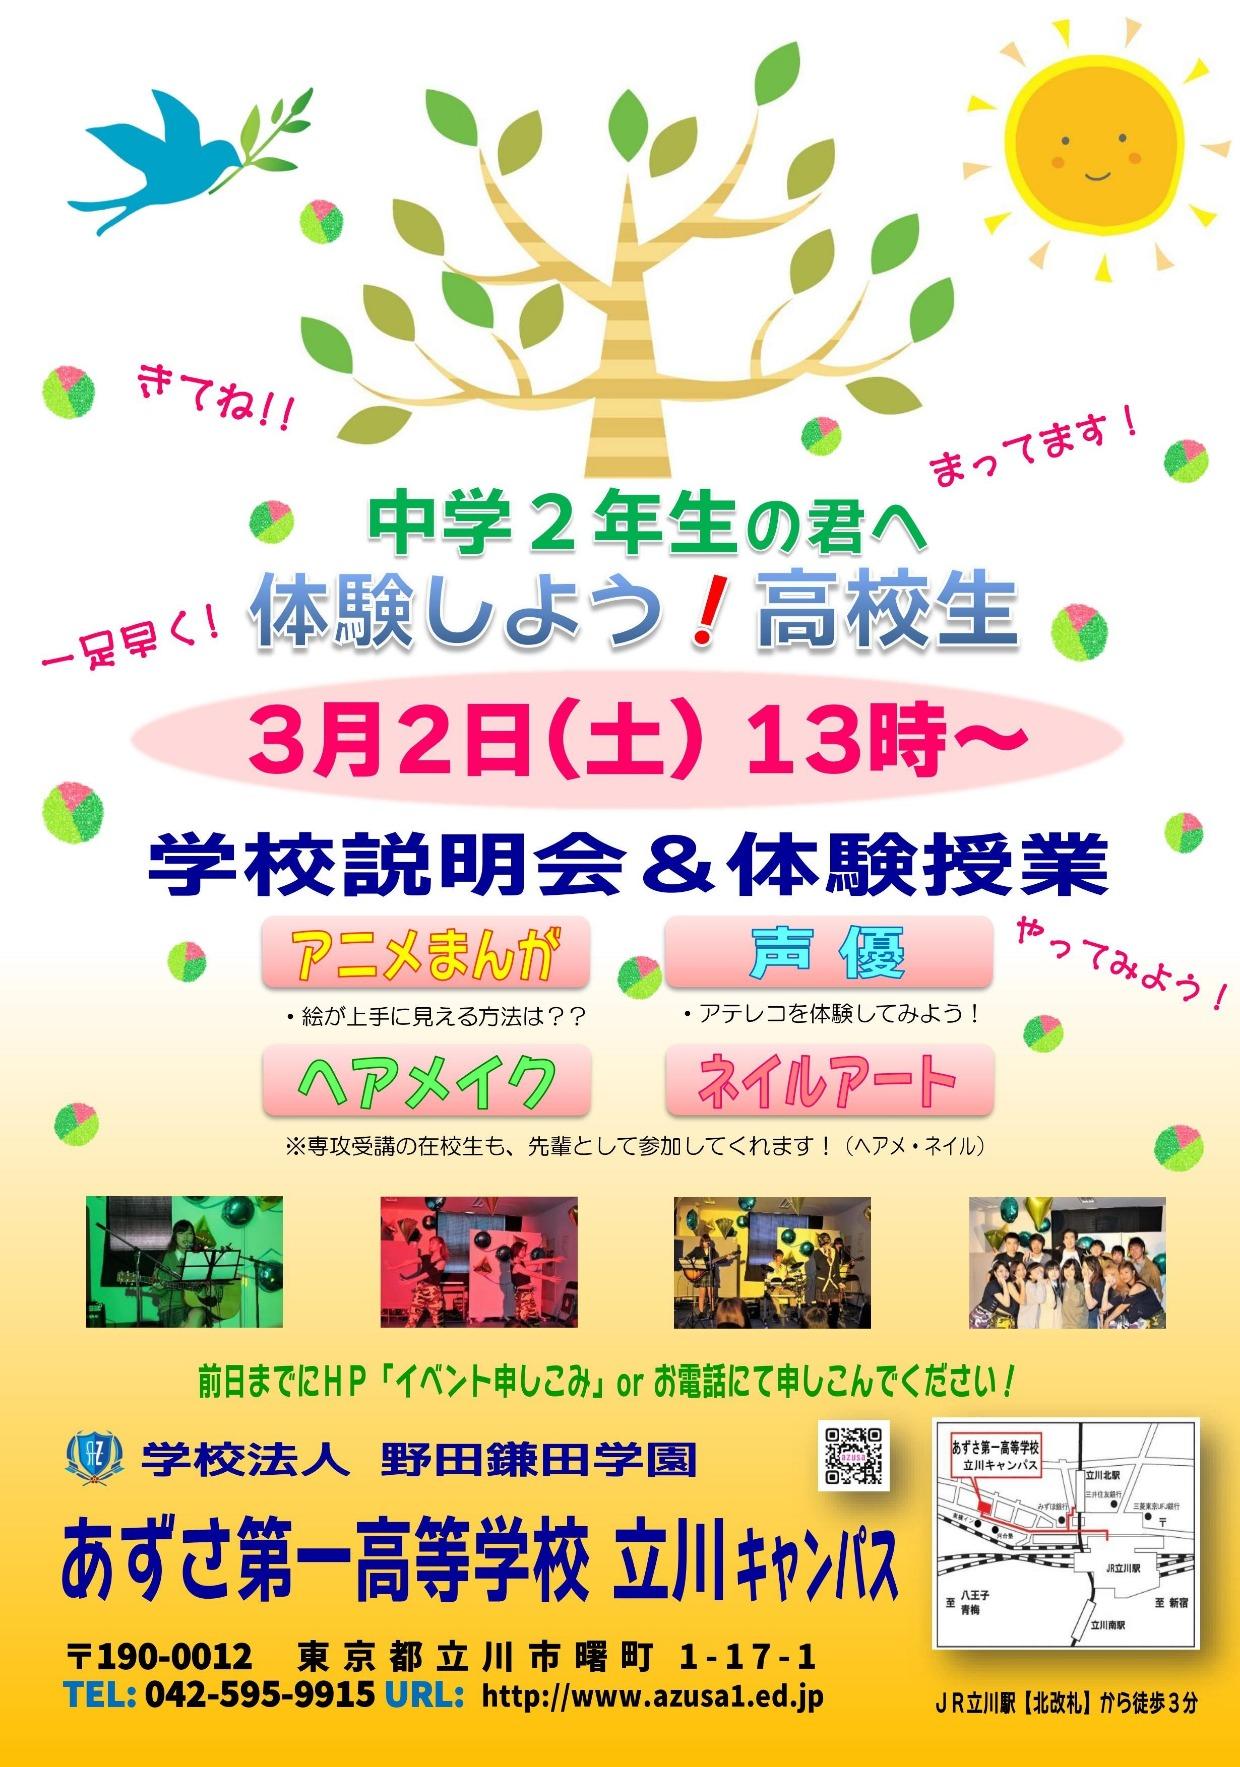 春のイベント(体験授業&学校説明会)image1